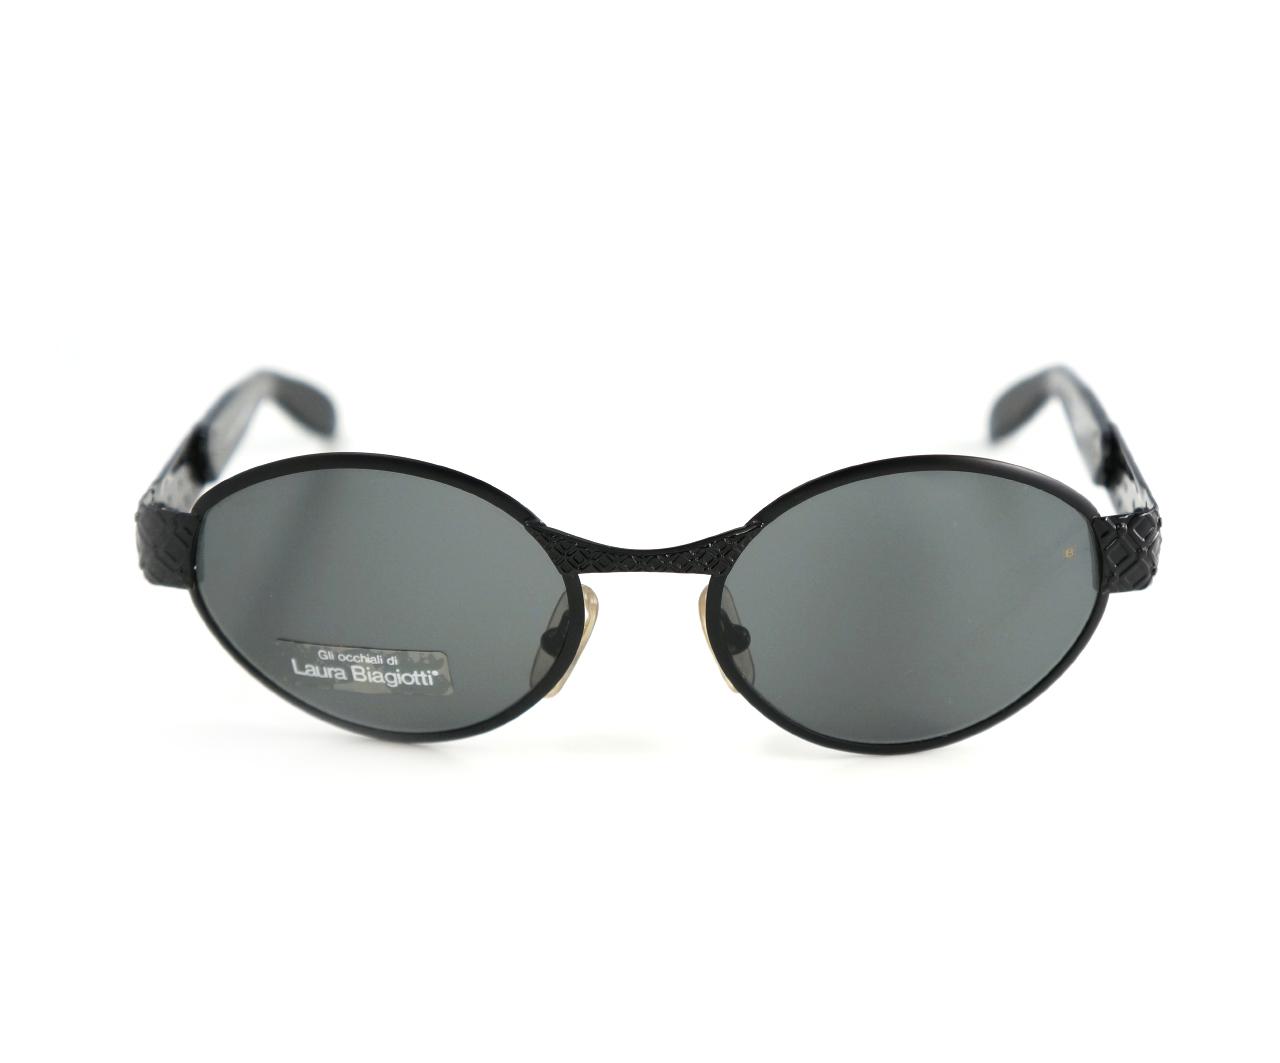 laura-biagiotti-lb-732s-2sb-occhiale-vintage-111